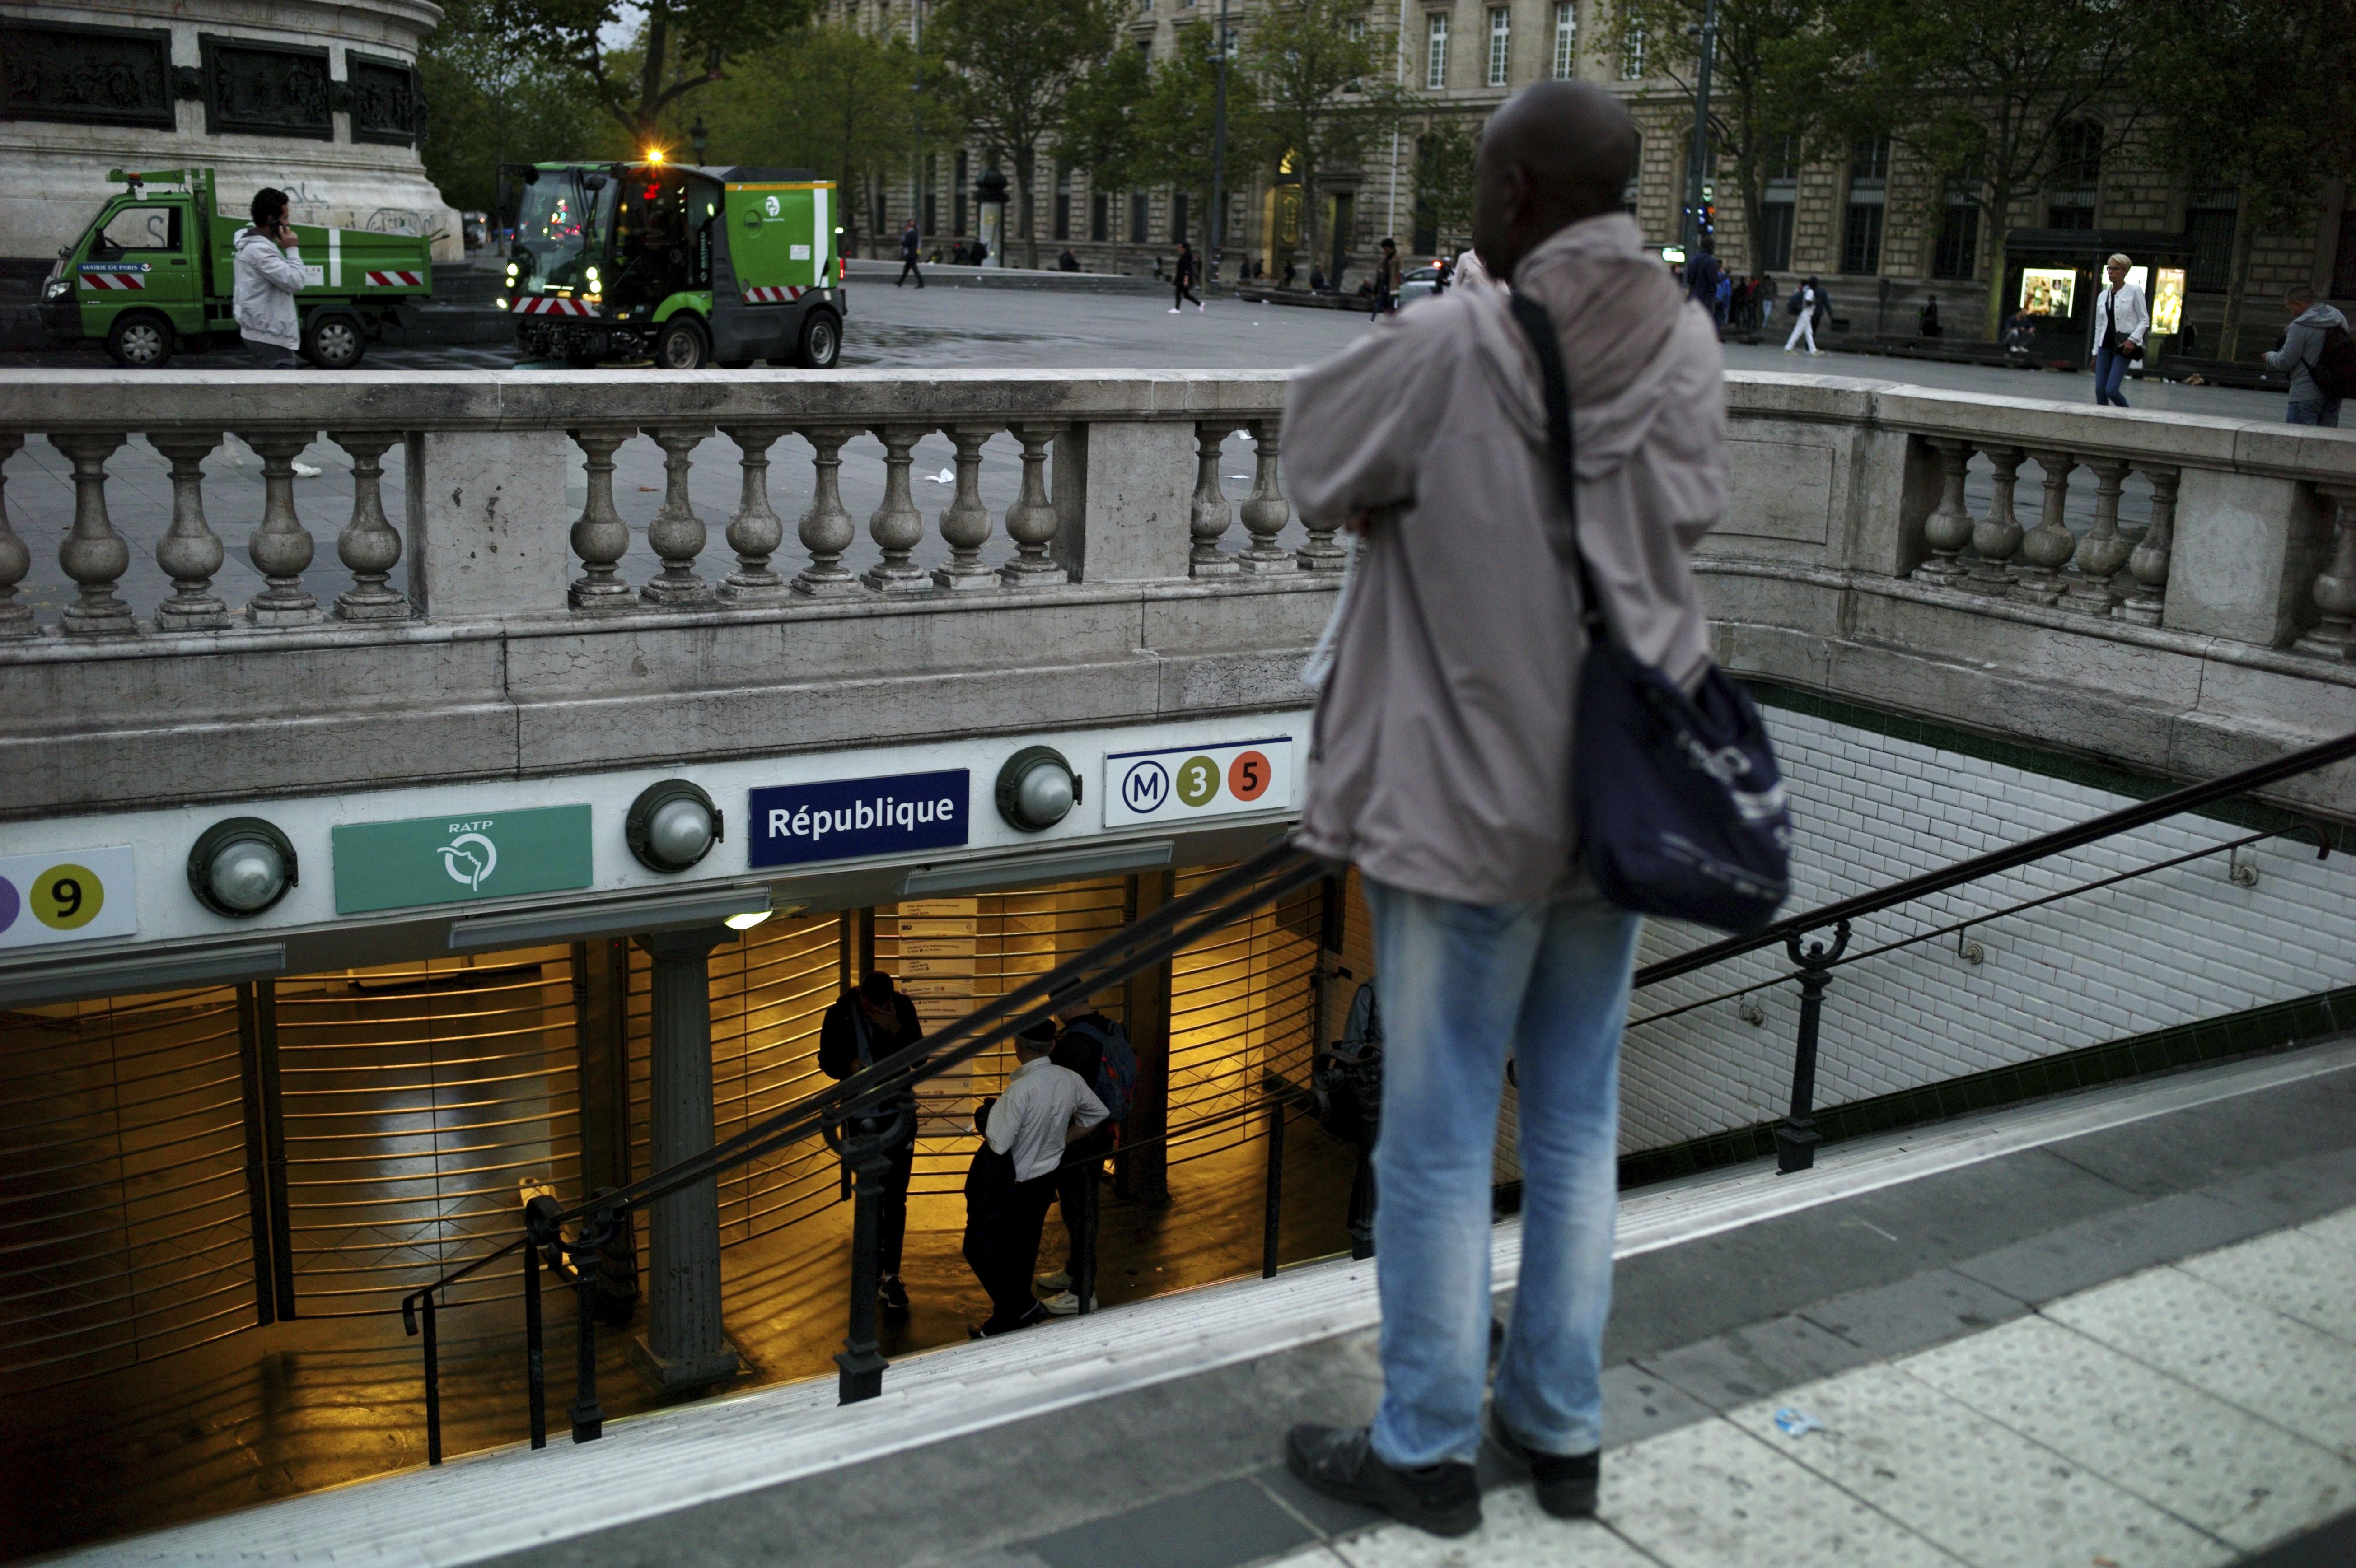 paralyei-to-parisi-logo-apergias-stis-metafores-fotografies3